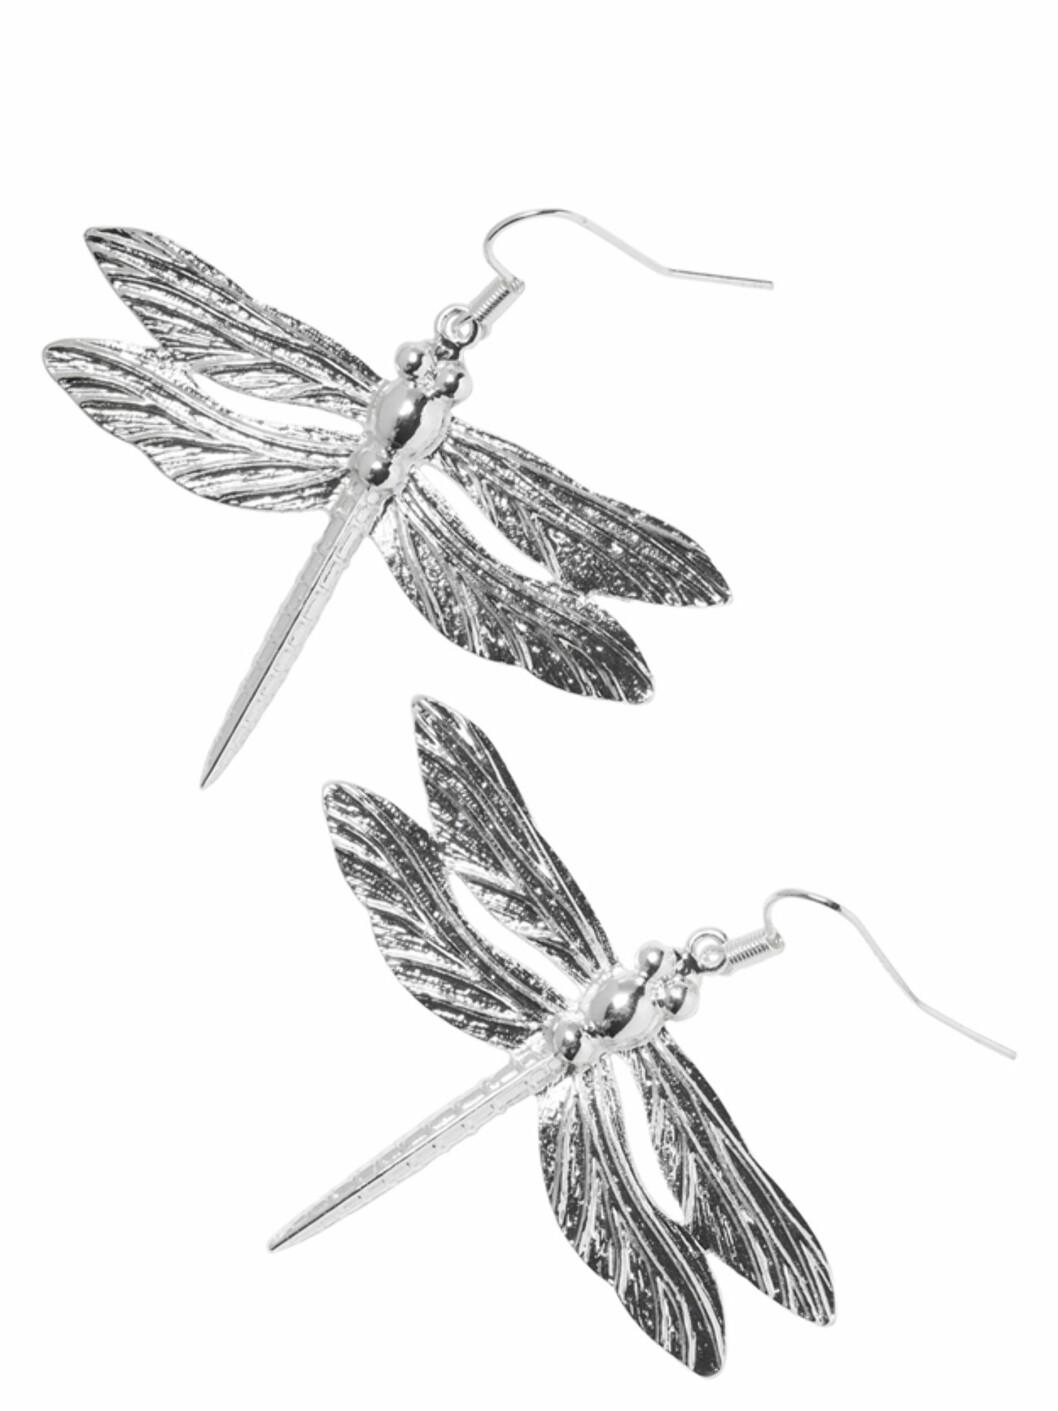 Øreringer med øyenstikkere (kr.80/Monki). Foto: Produsenten